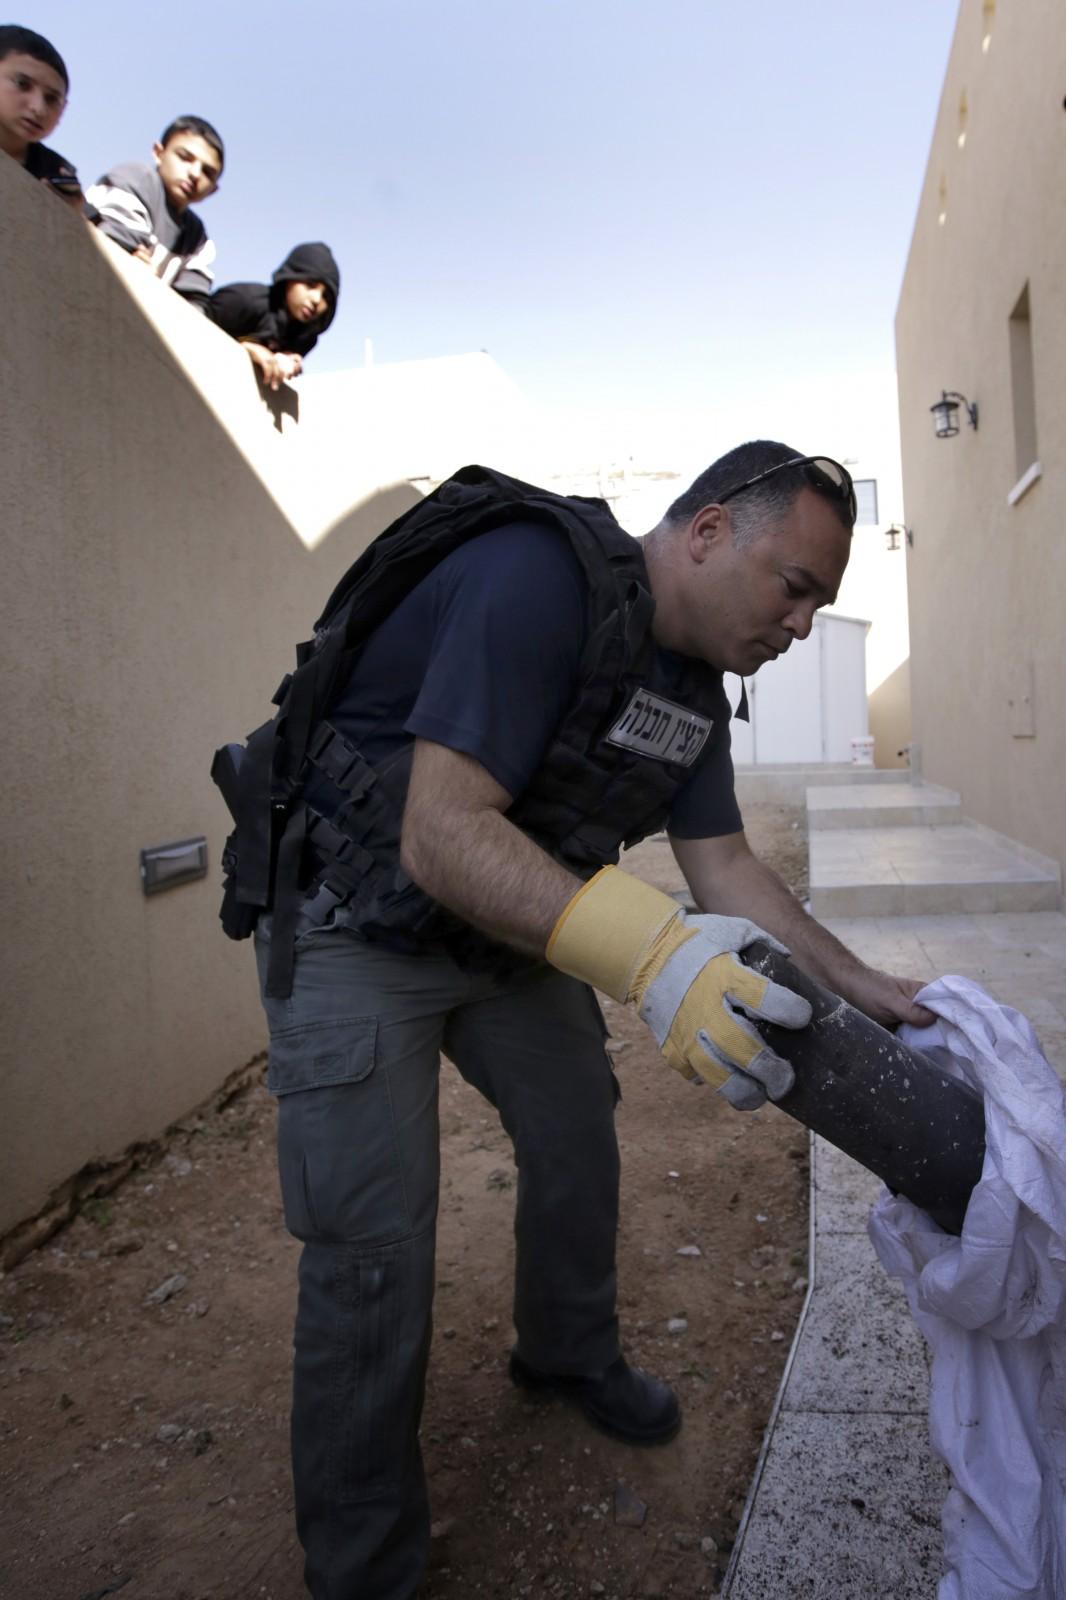 חבלן משטרה מפנה שרידי רקטה פלסטינית שנחתה אתמול בשדרות (צילום: צפריר אביוב)